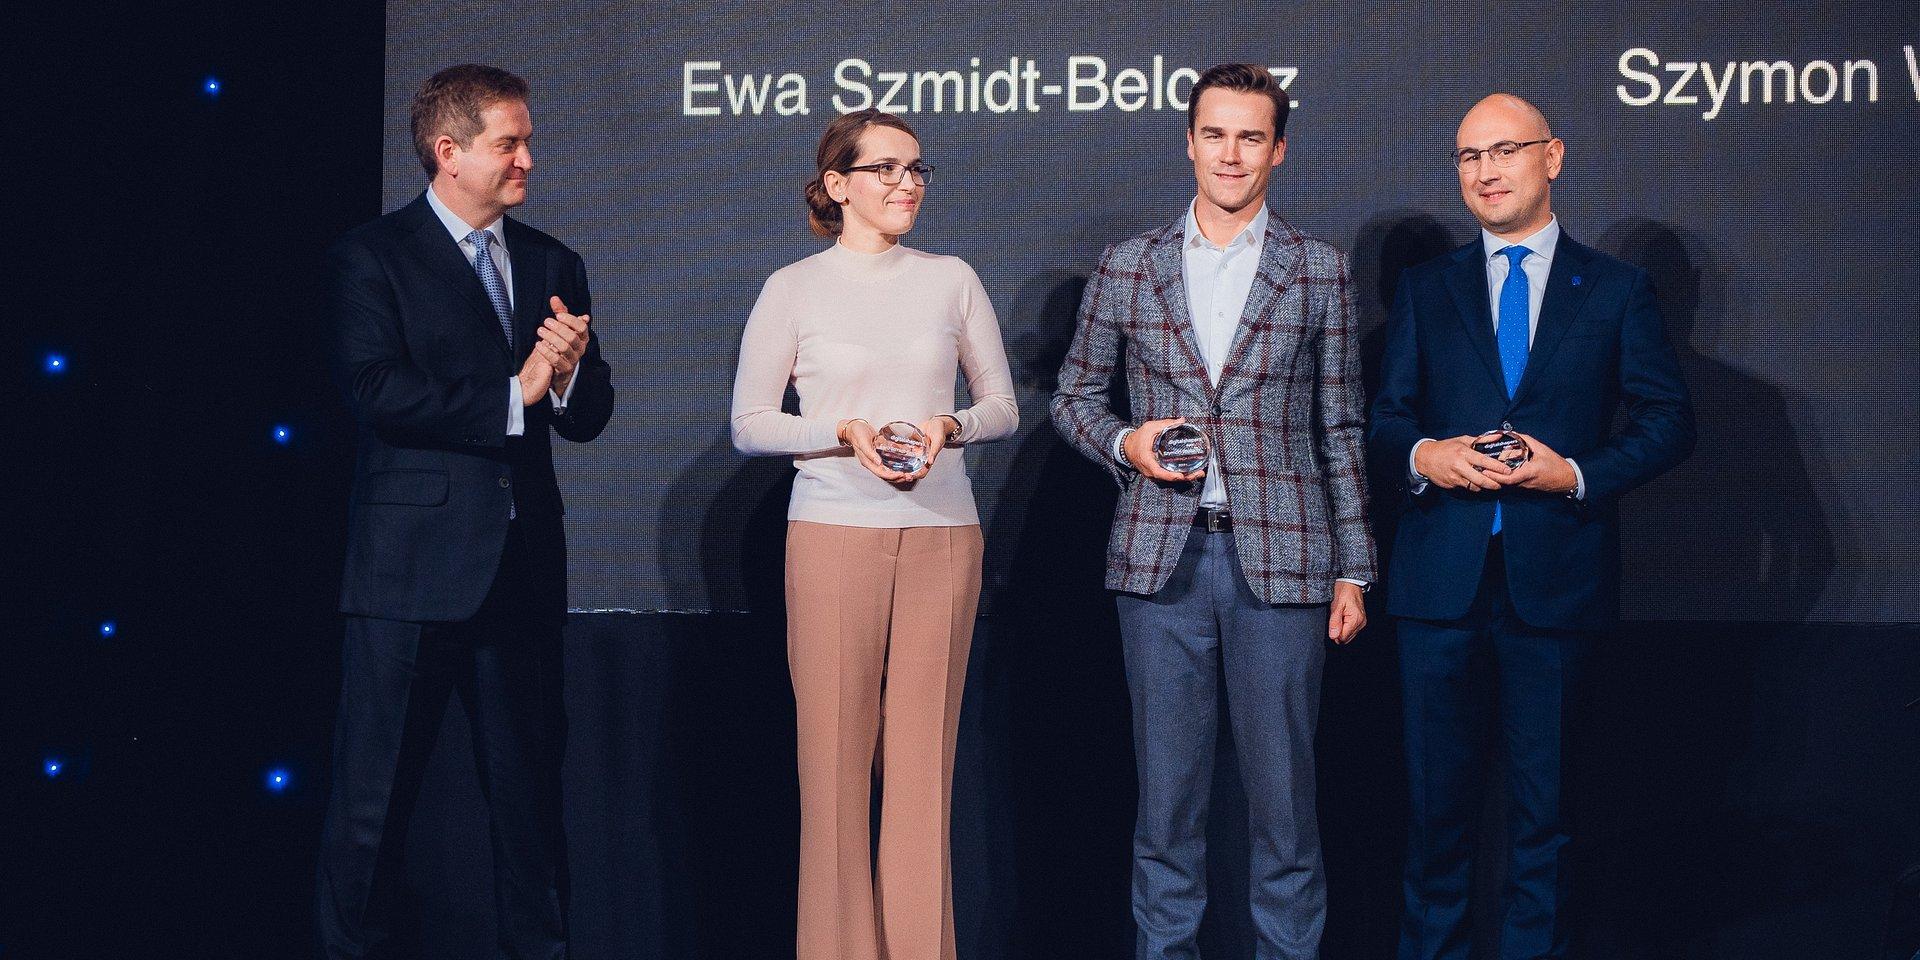 Statuetka Digital Shapers 2019 dla Ewy Szmidt-Belcarz